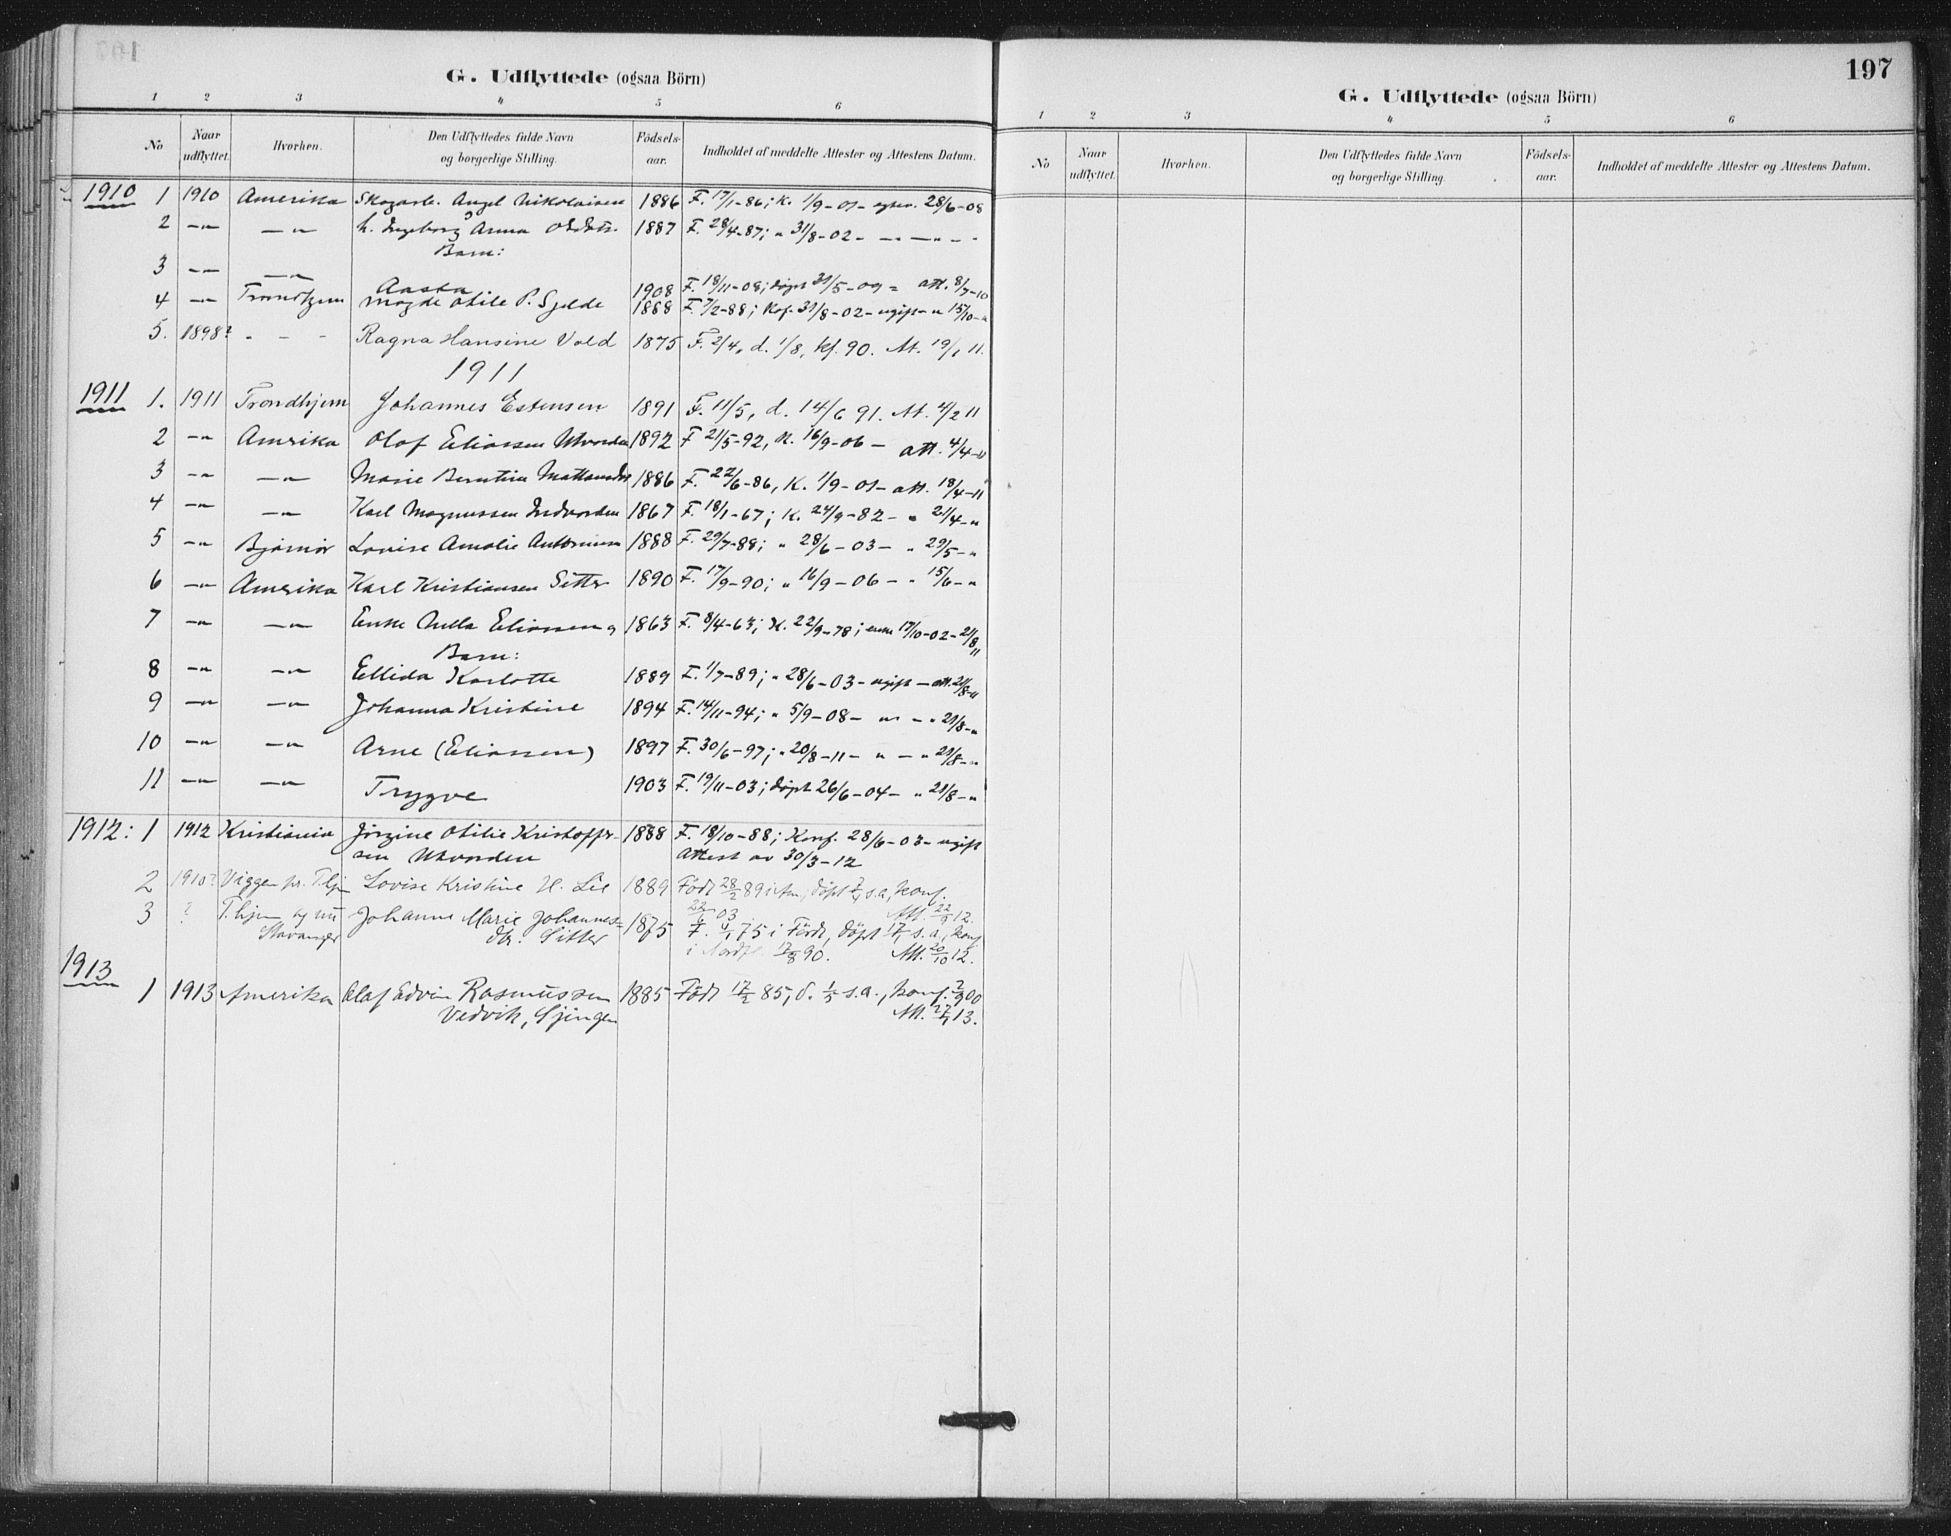 SAT, Ministerialprotokoller, klokkerbøker og fødselsregistre - Nord-Trøndelag, 772/L0603: Ministerialbok nr. 772A01, 1885-1912, s. 197